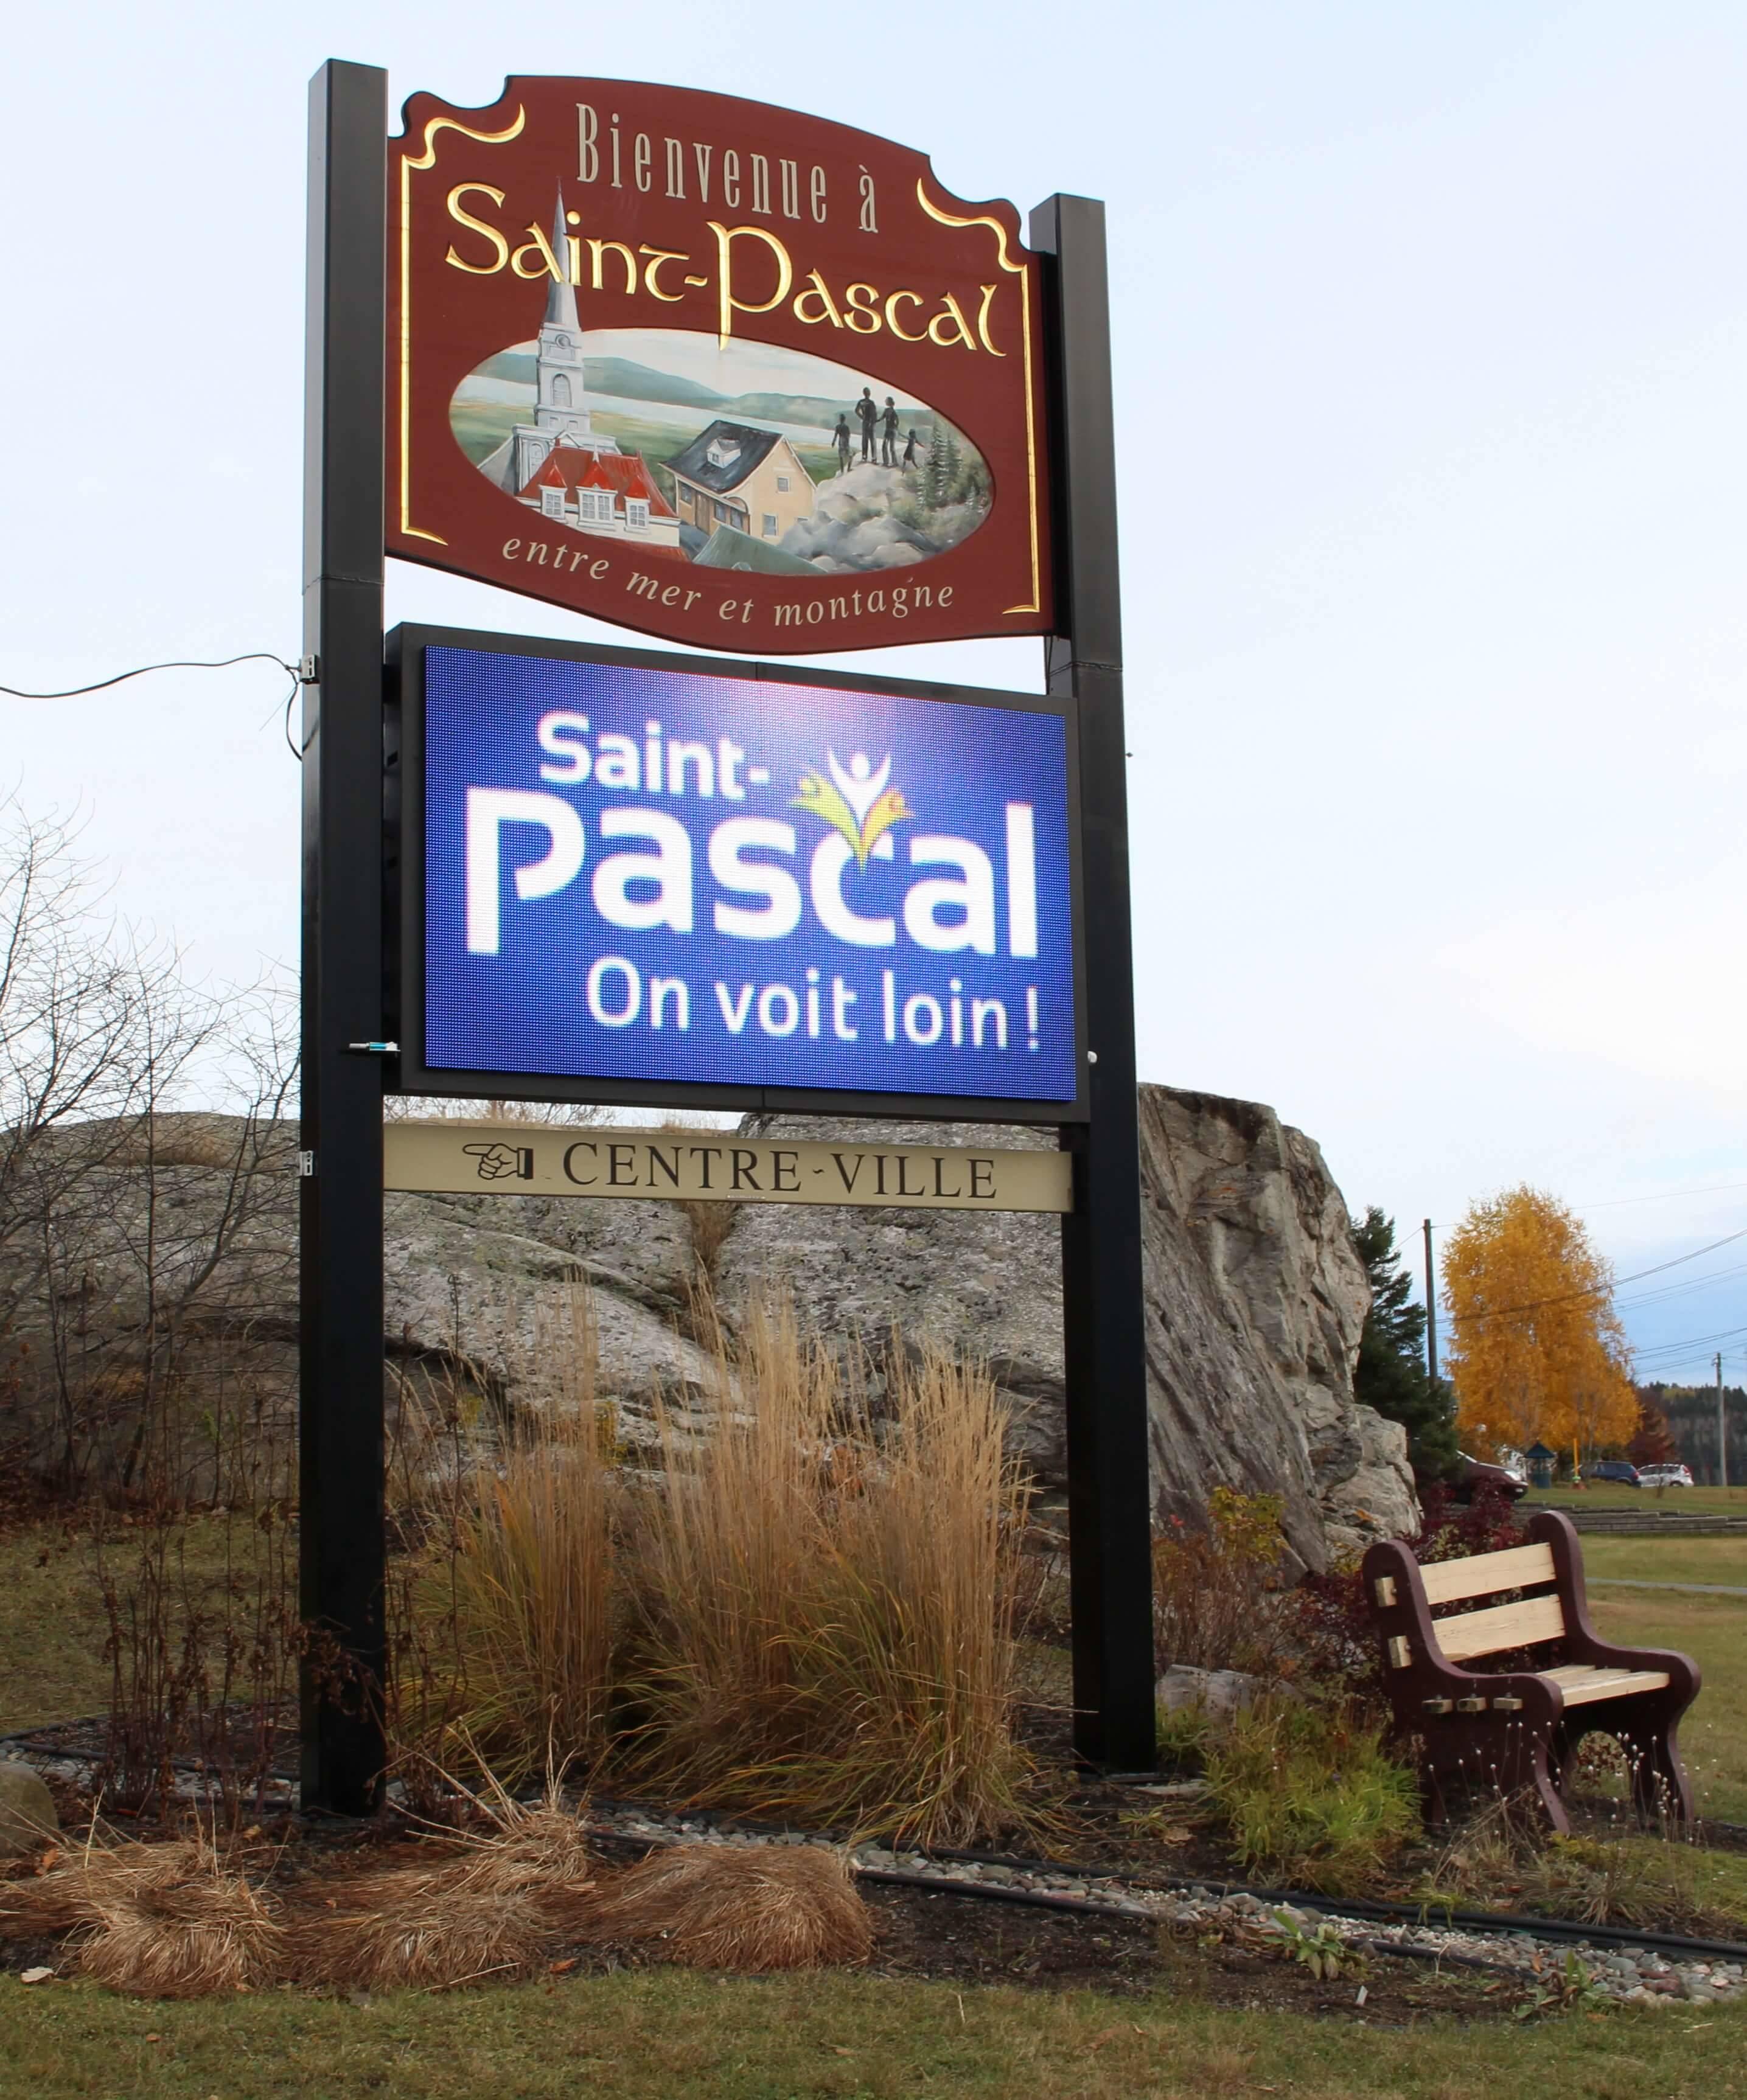 ville_qc_saint-pascal_écran_numérique_libertevision_digital_sign